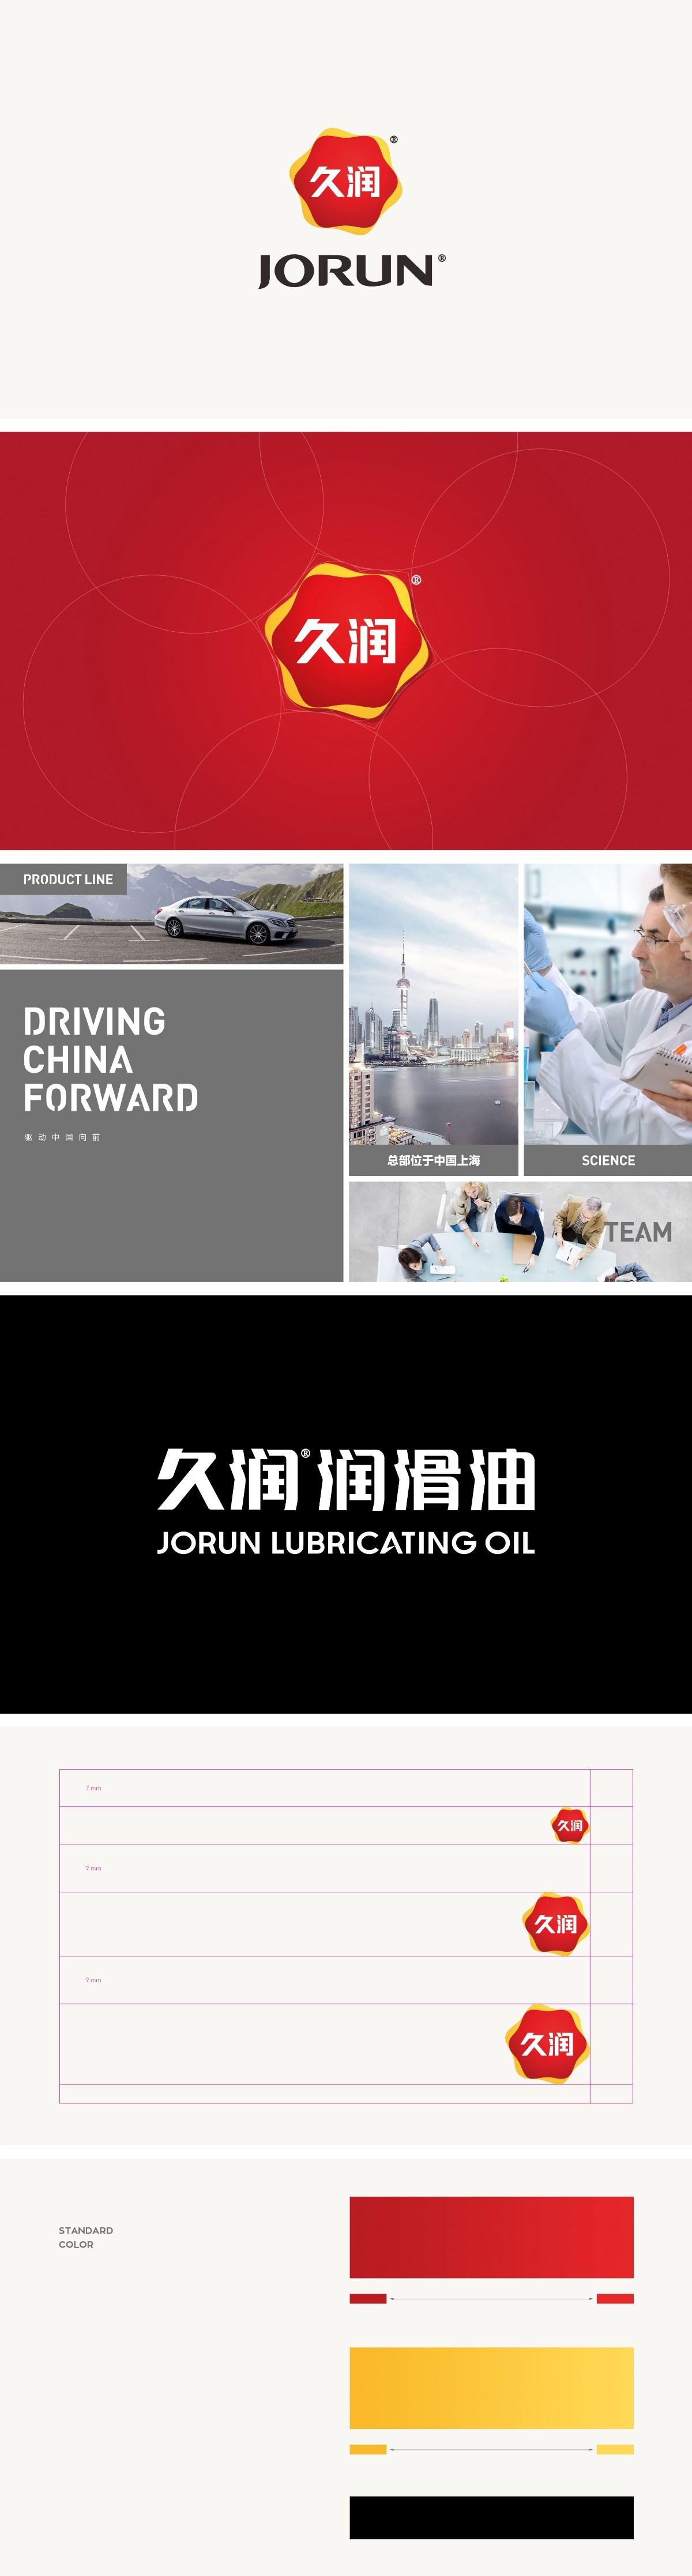 国内润滑油行业第一品牌久润润滑油品牌国际化成长之路